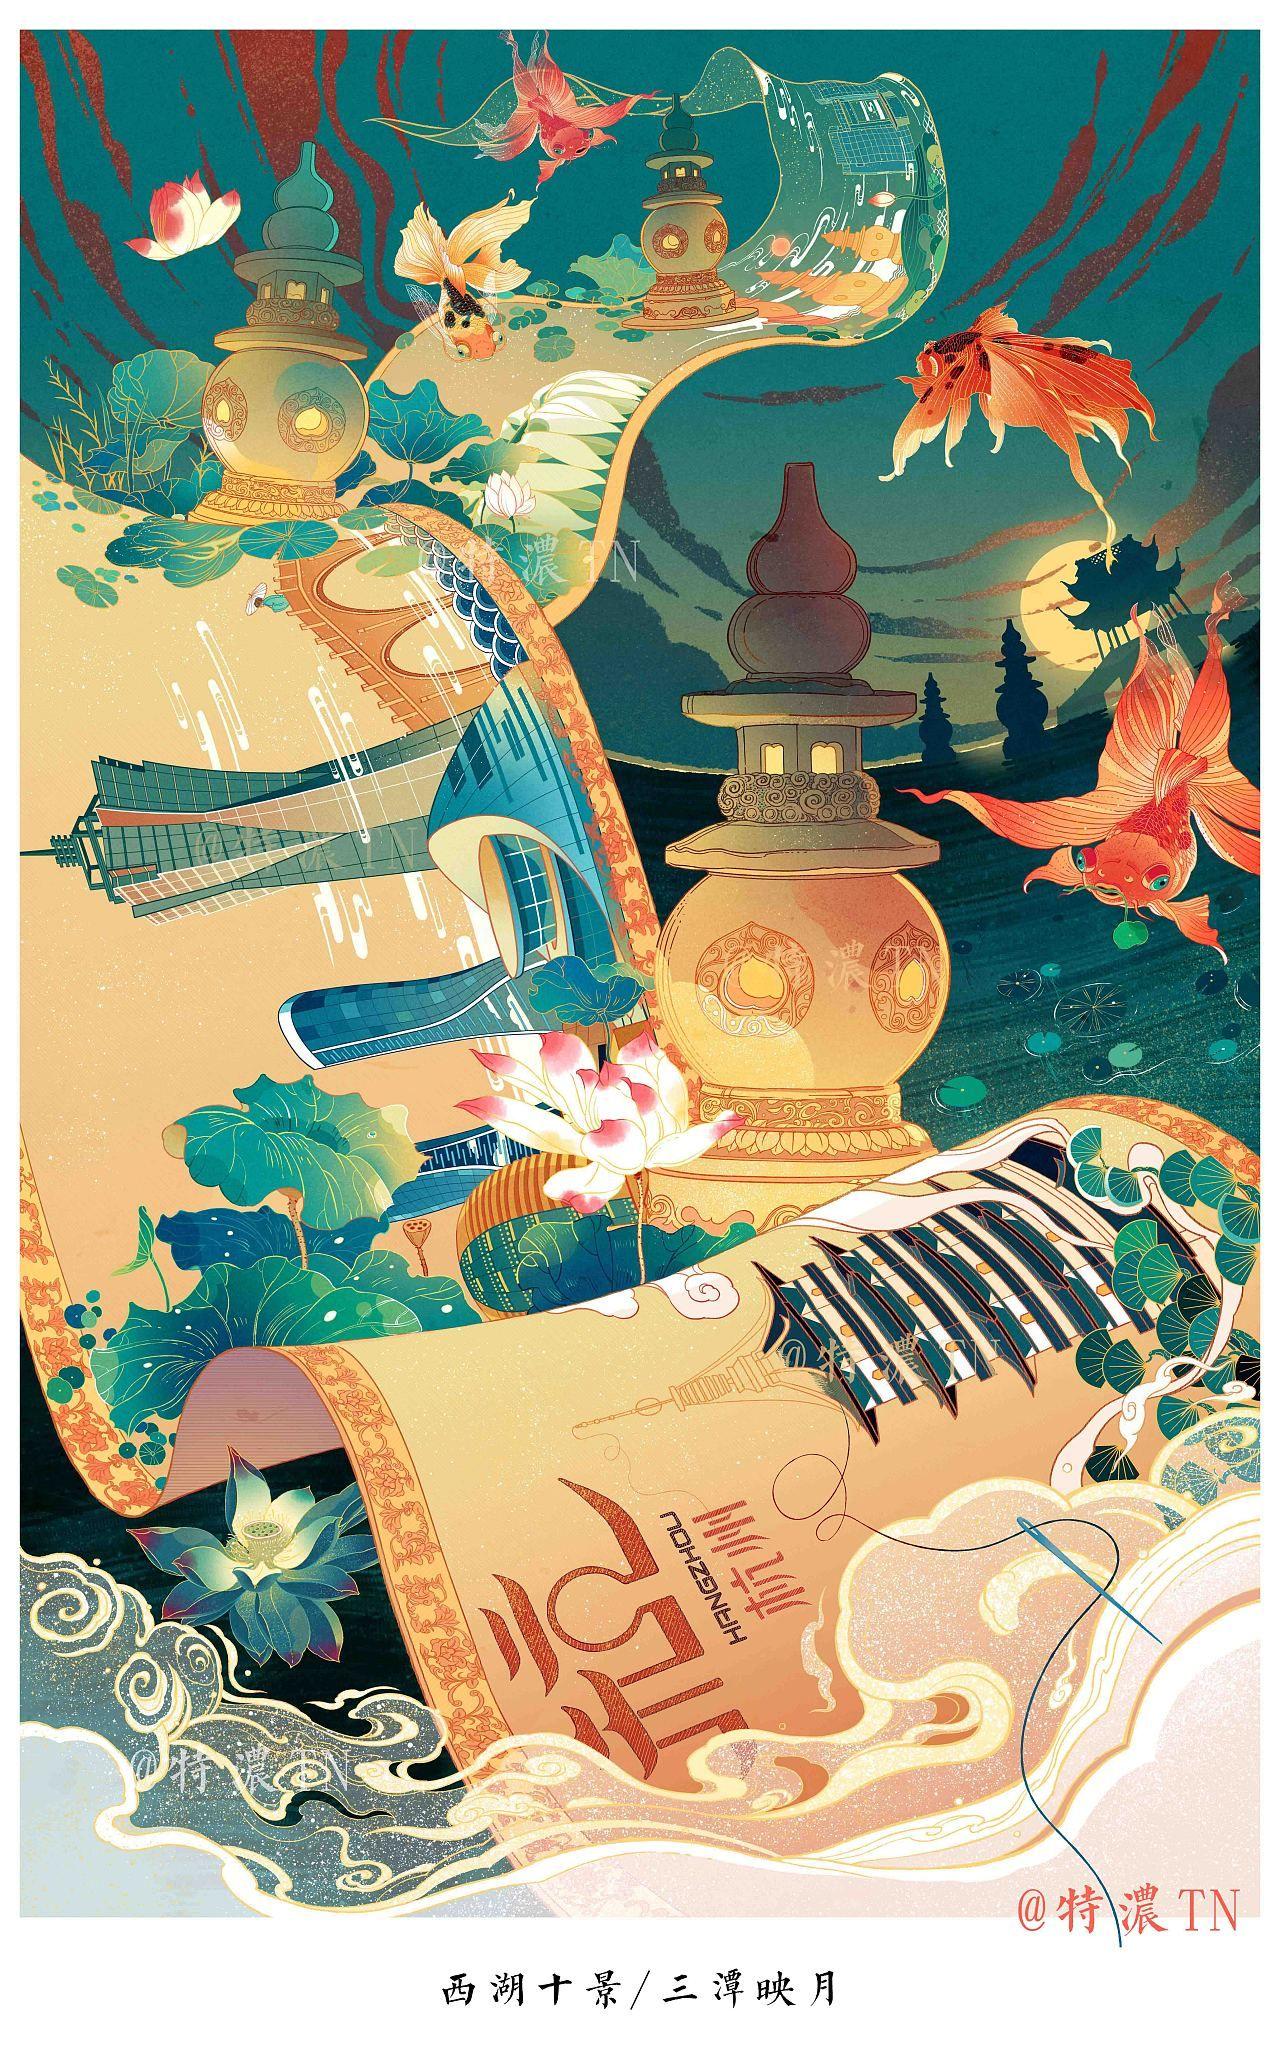 【西湖十景】插画|插画|商业插画|特浓TN         - 原创作品